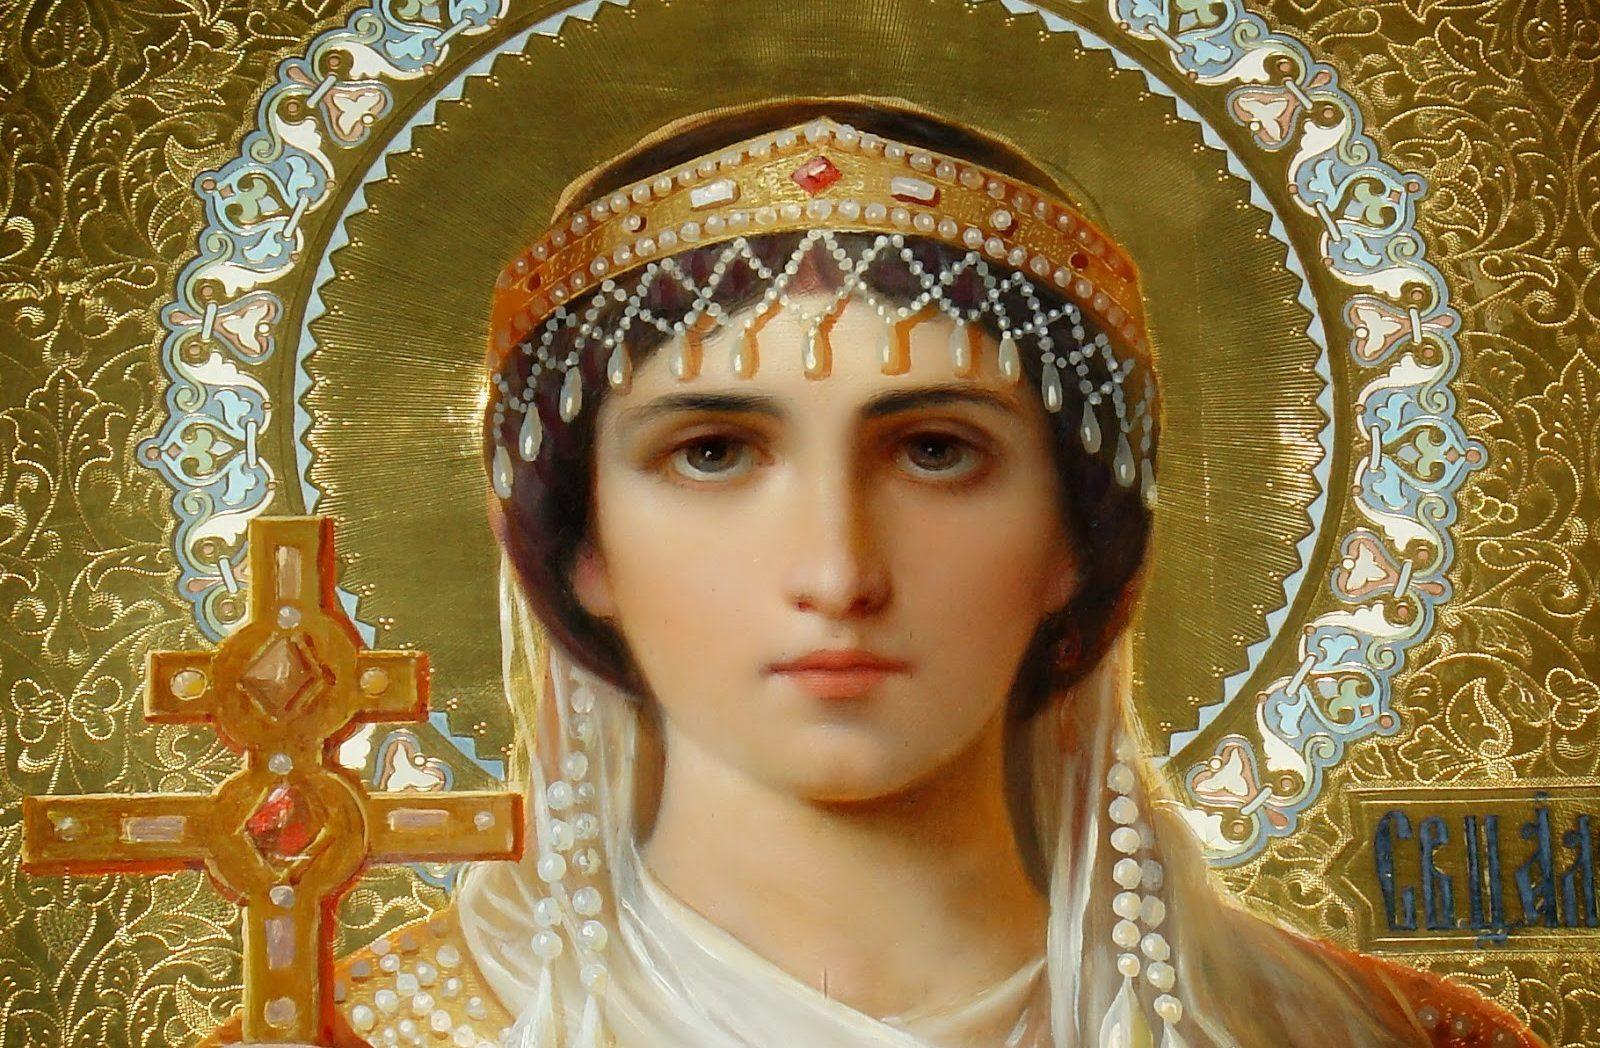 Αποτέλεσμα εικόνας για Αγία Υπομονή, η αυτοκράτειρα που έγινε μοναχή και προστάτιδα των φτωχών